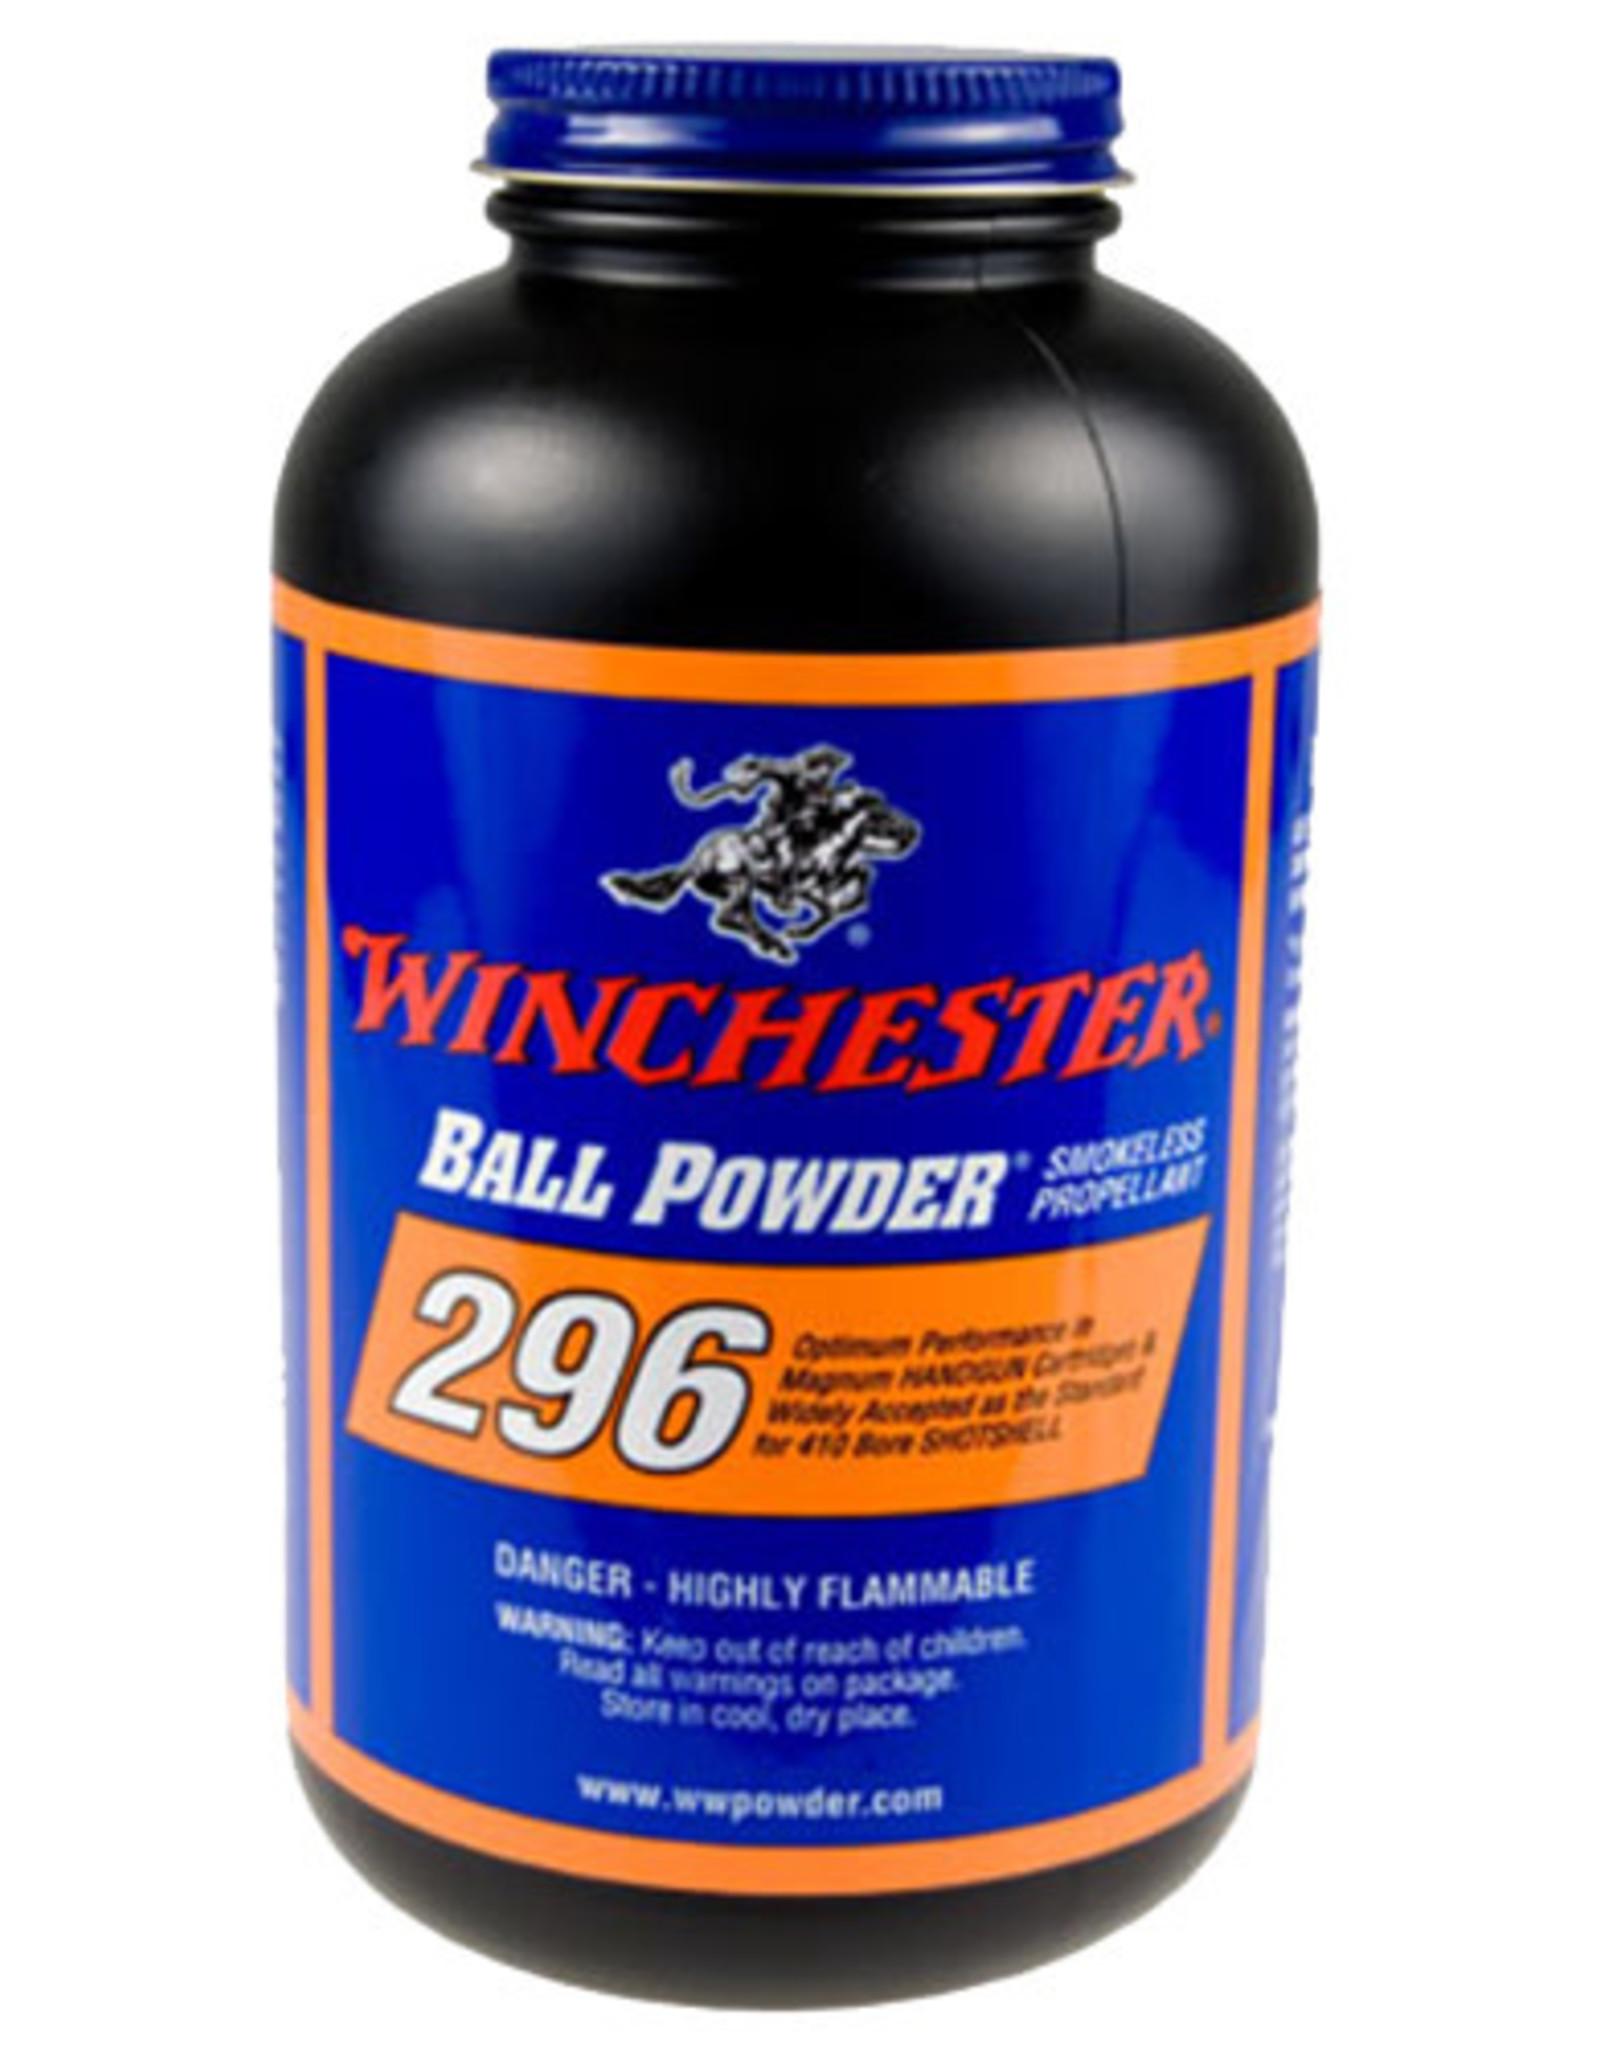 WINCHESTER Winchester 296 Shotgun/Pistol